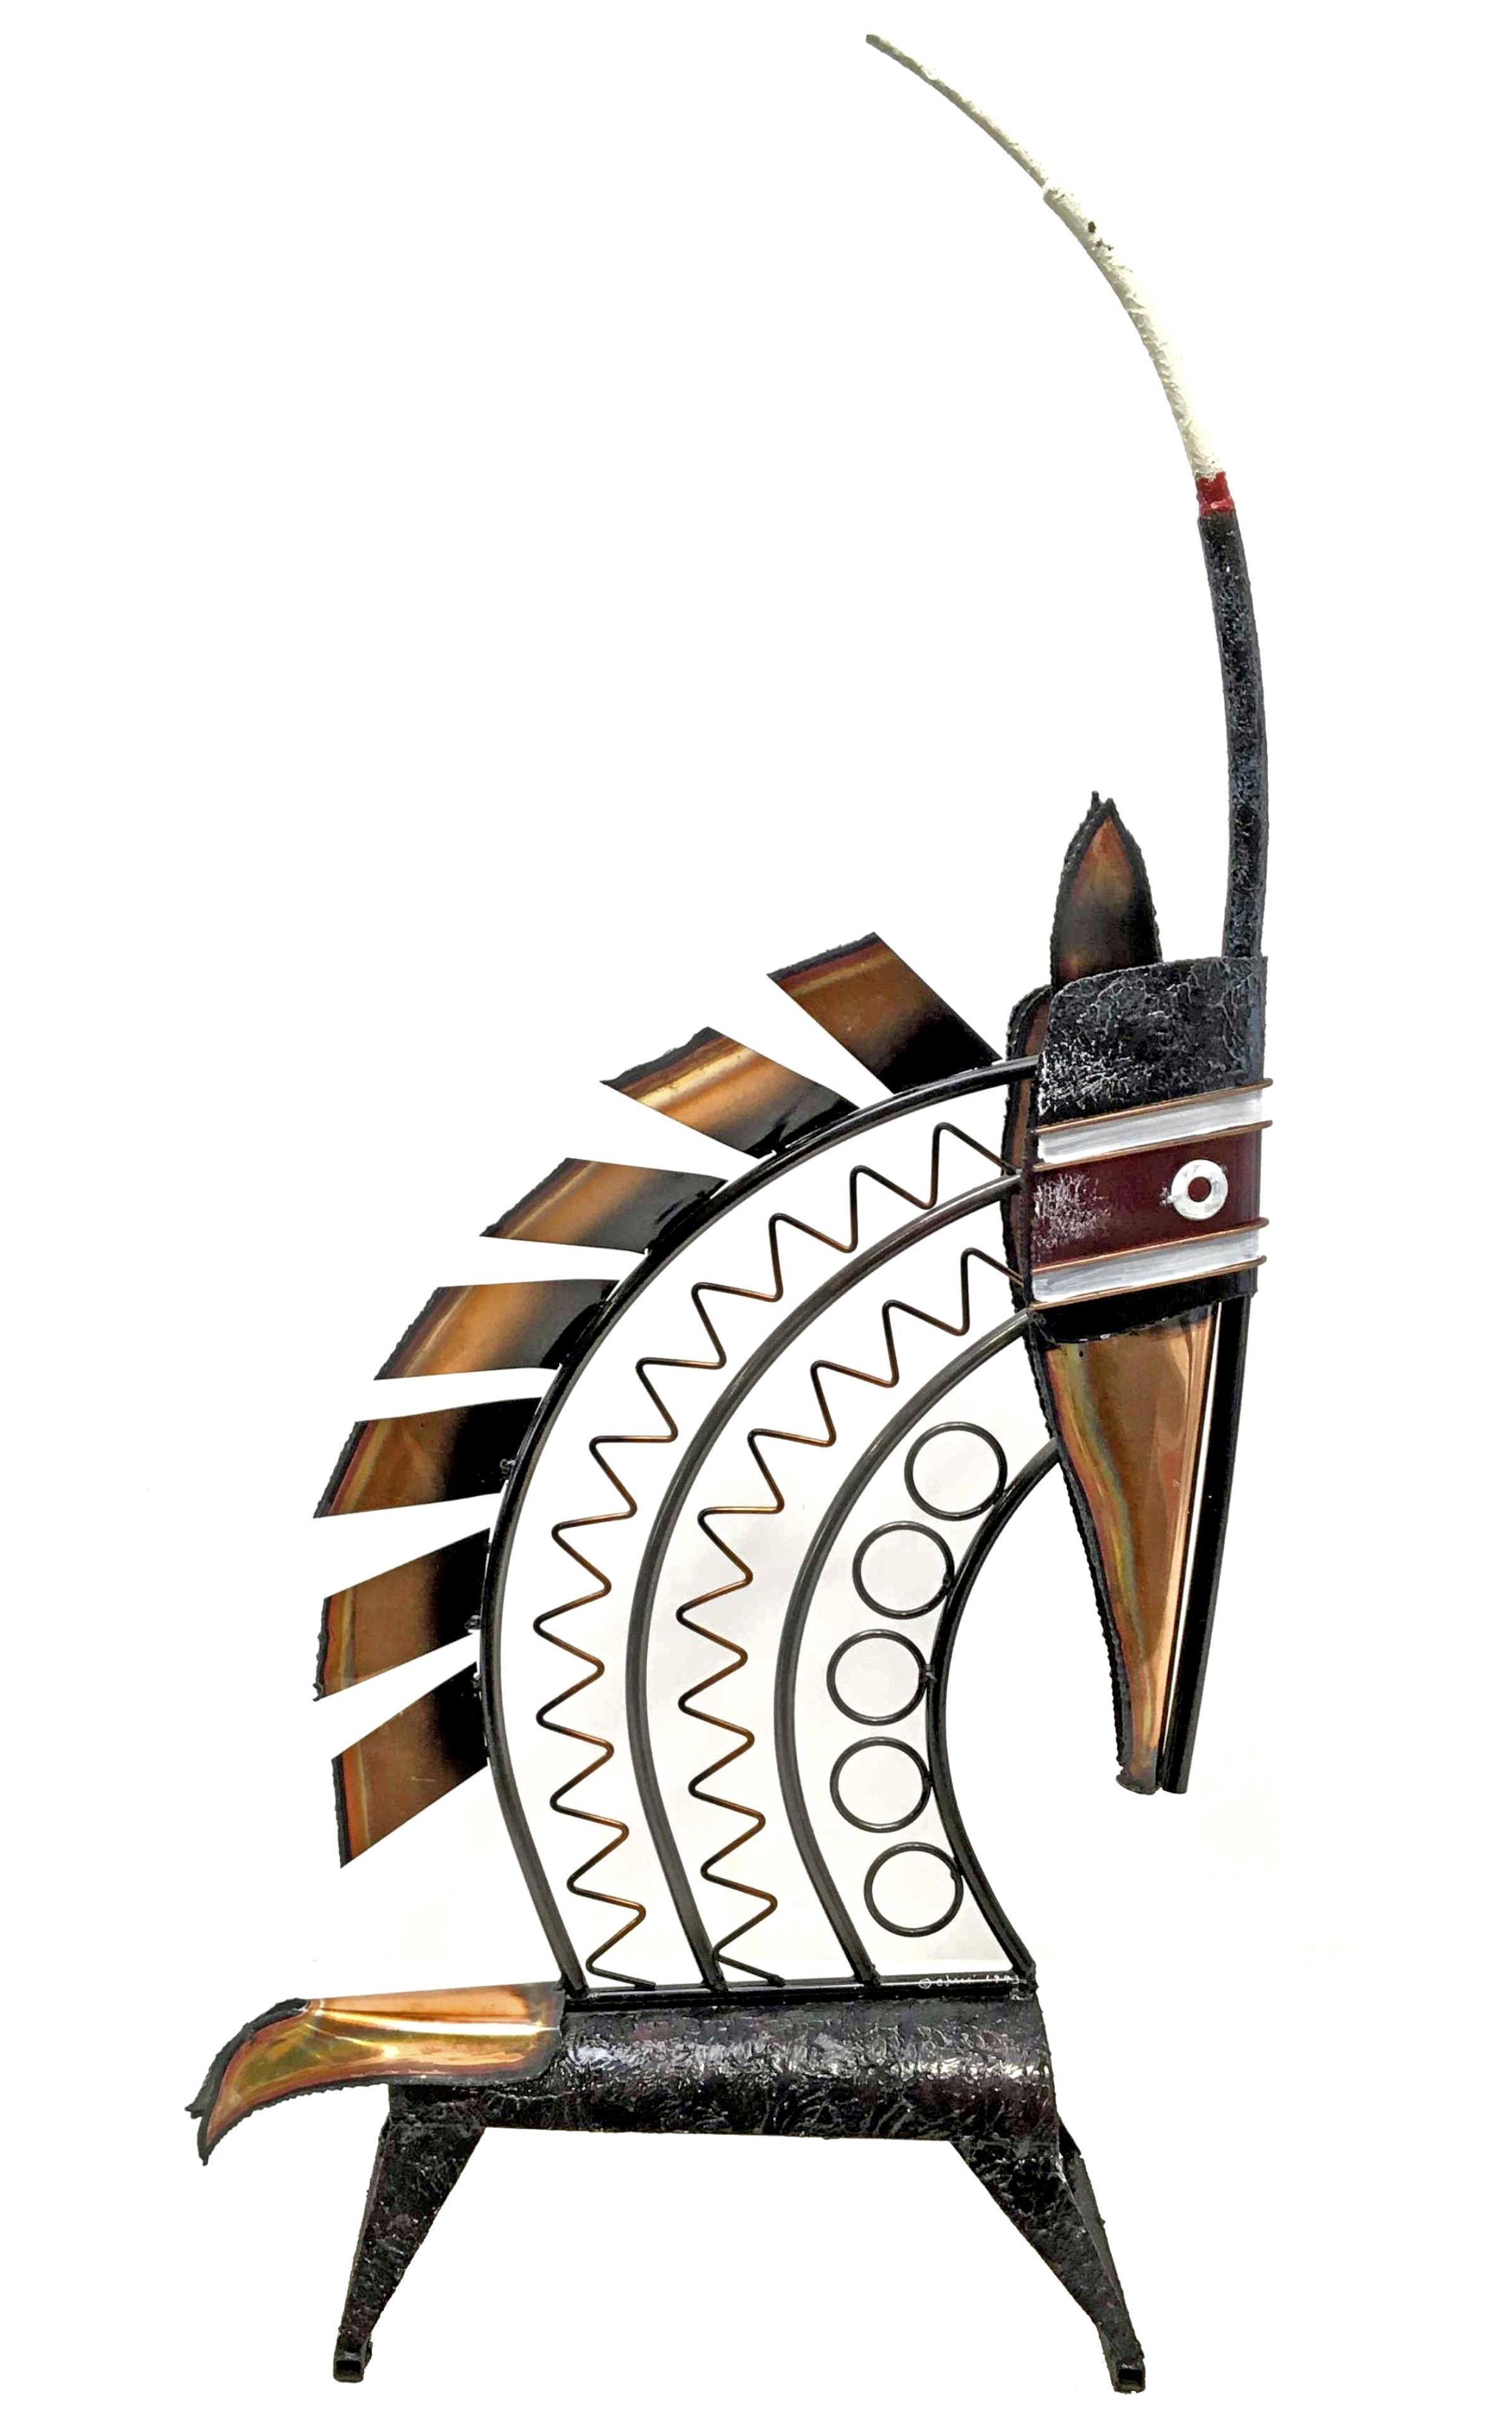 Curtis Jere Mid Century Modern Gazelle Sculpture